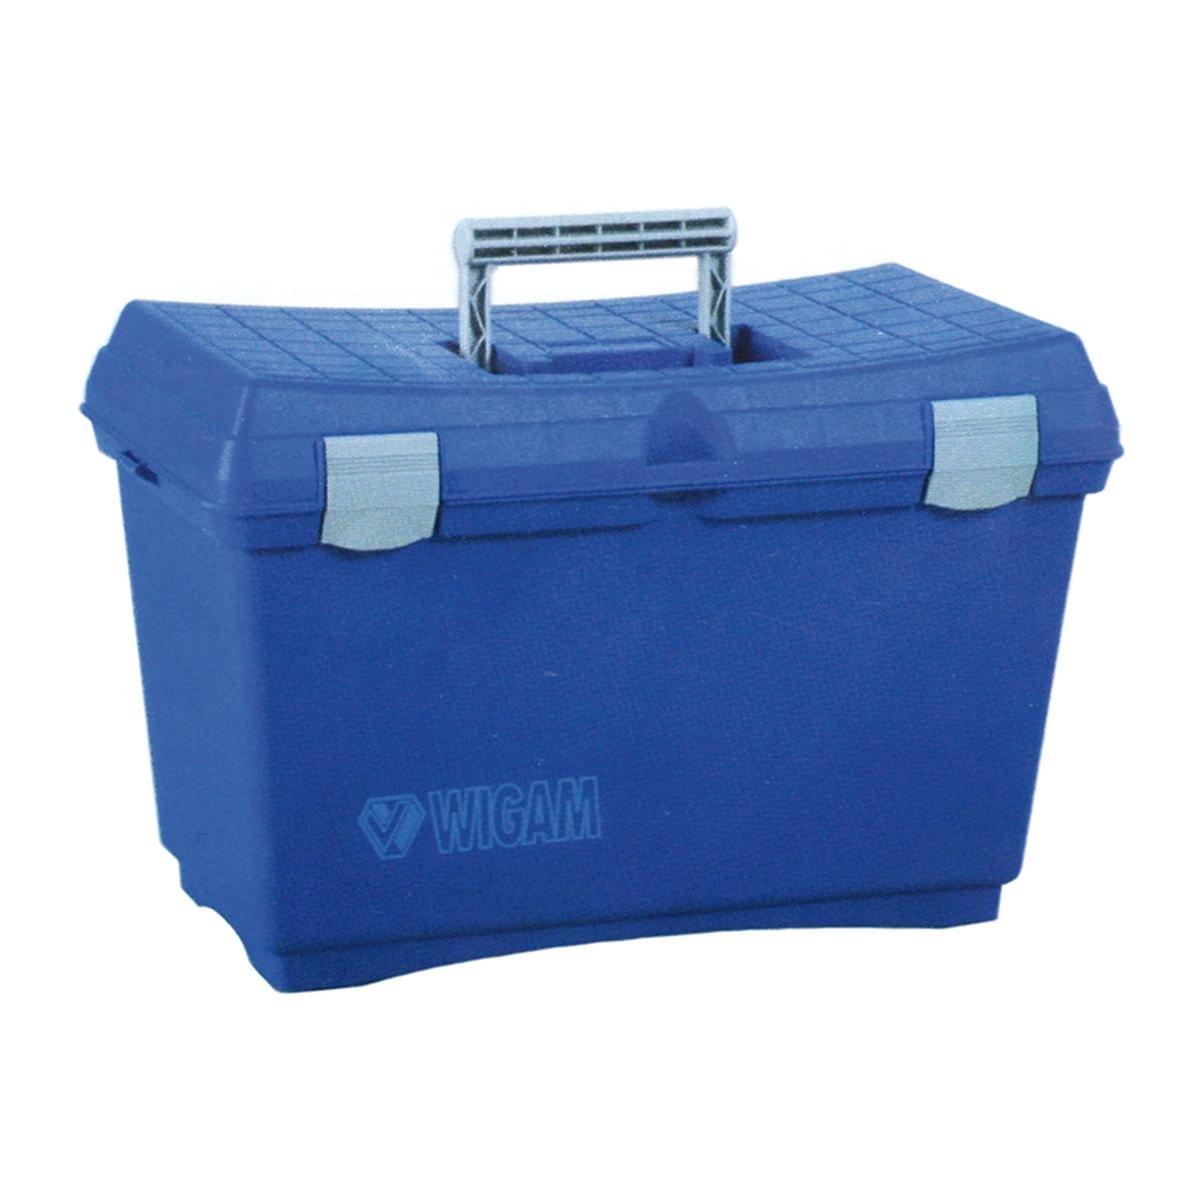 Værktøjskasse 52 x 29 x 34 cm. modellBP/PD - Wigam